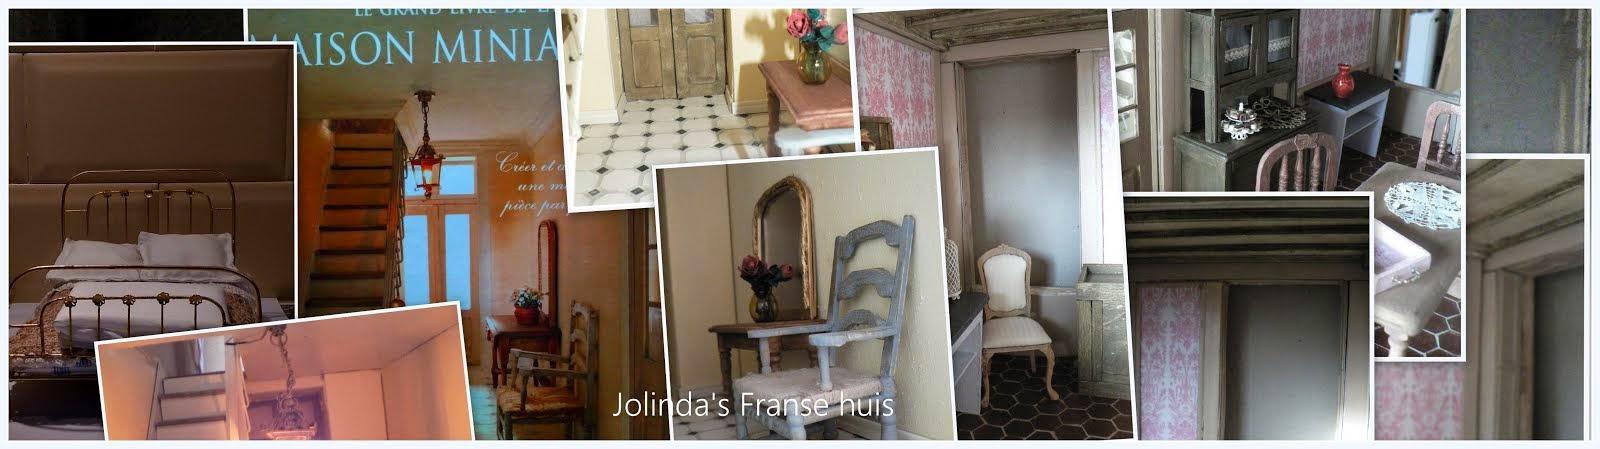 Jolinda's Franse huis